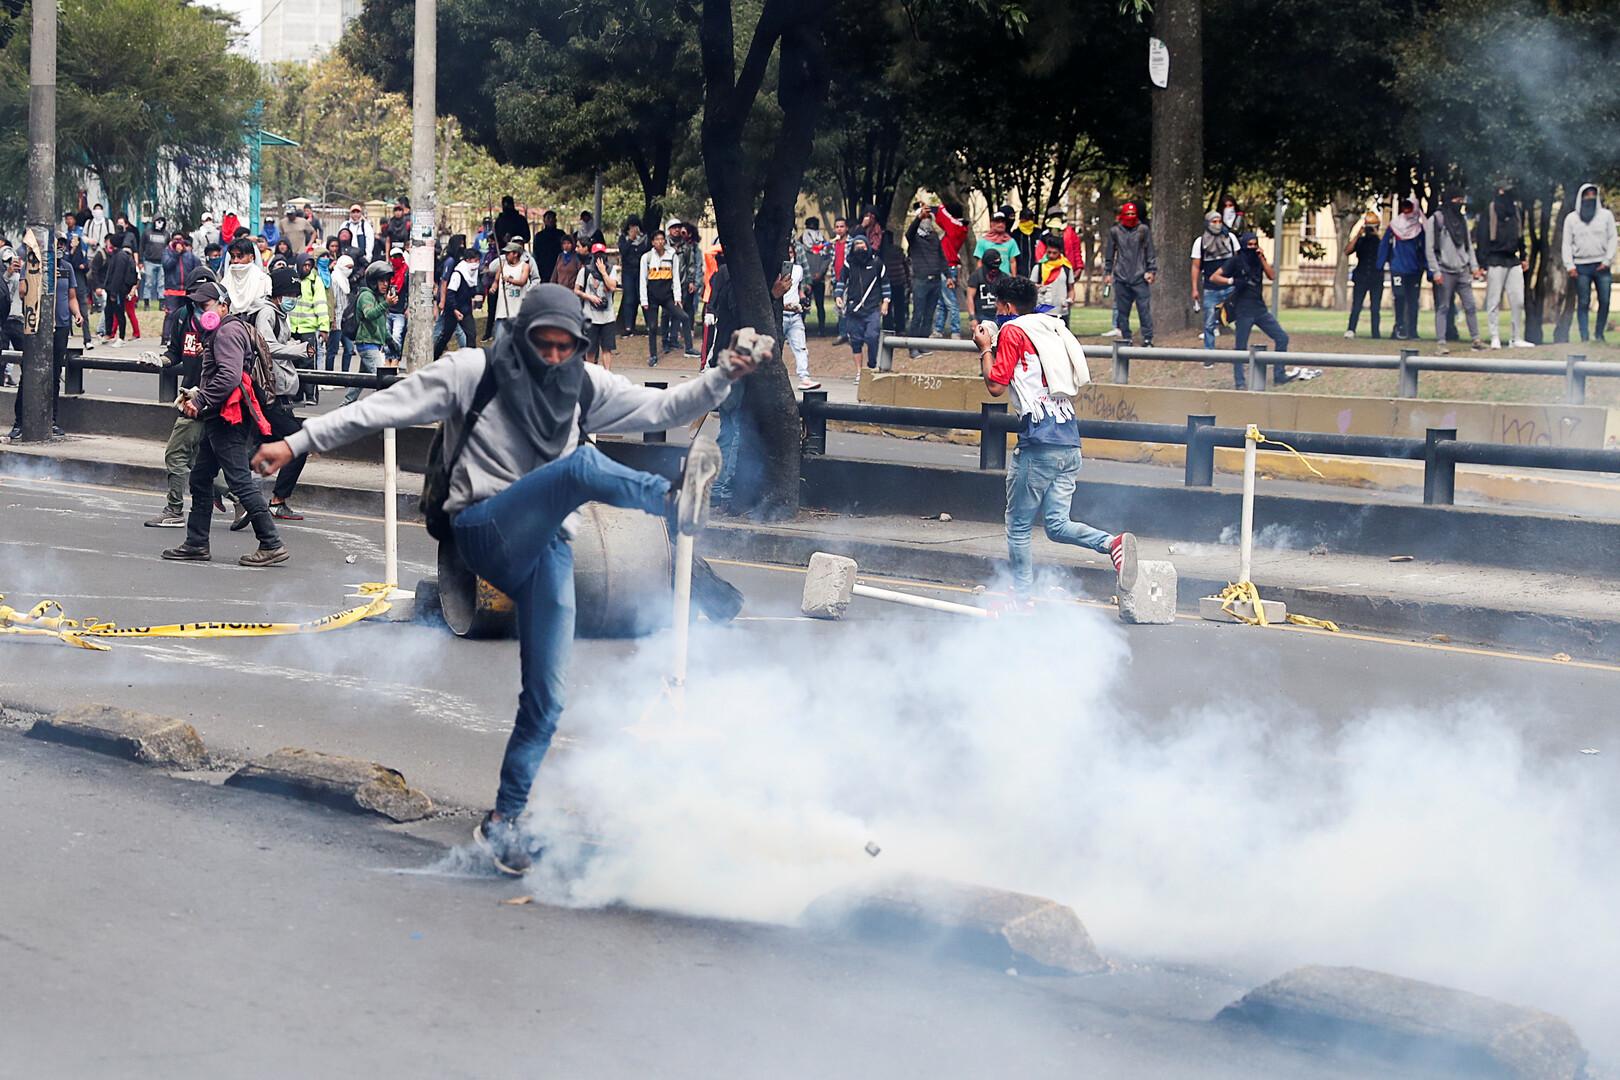 نقابات النقل في الإكوادور تعلق الاحتجاجات بعد اضطرابات استمرت يومين